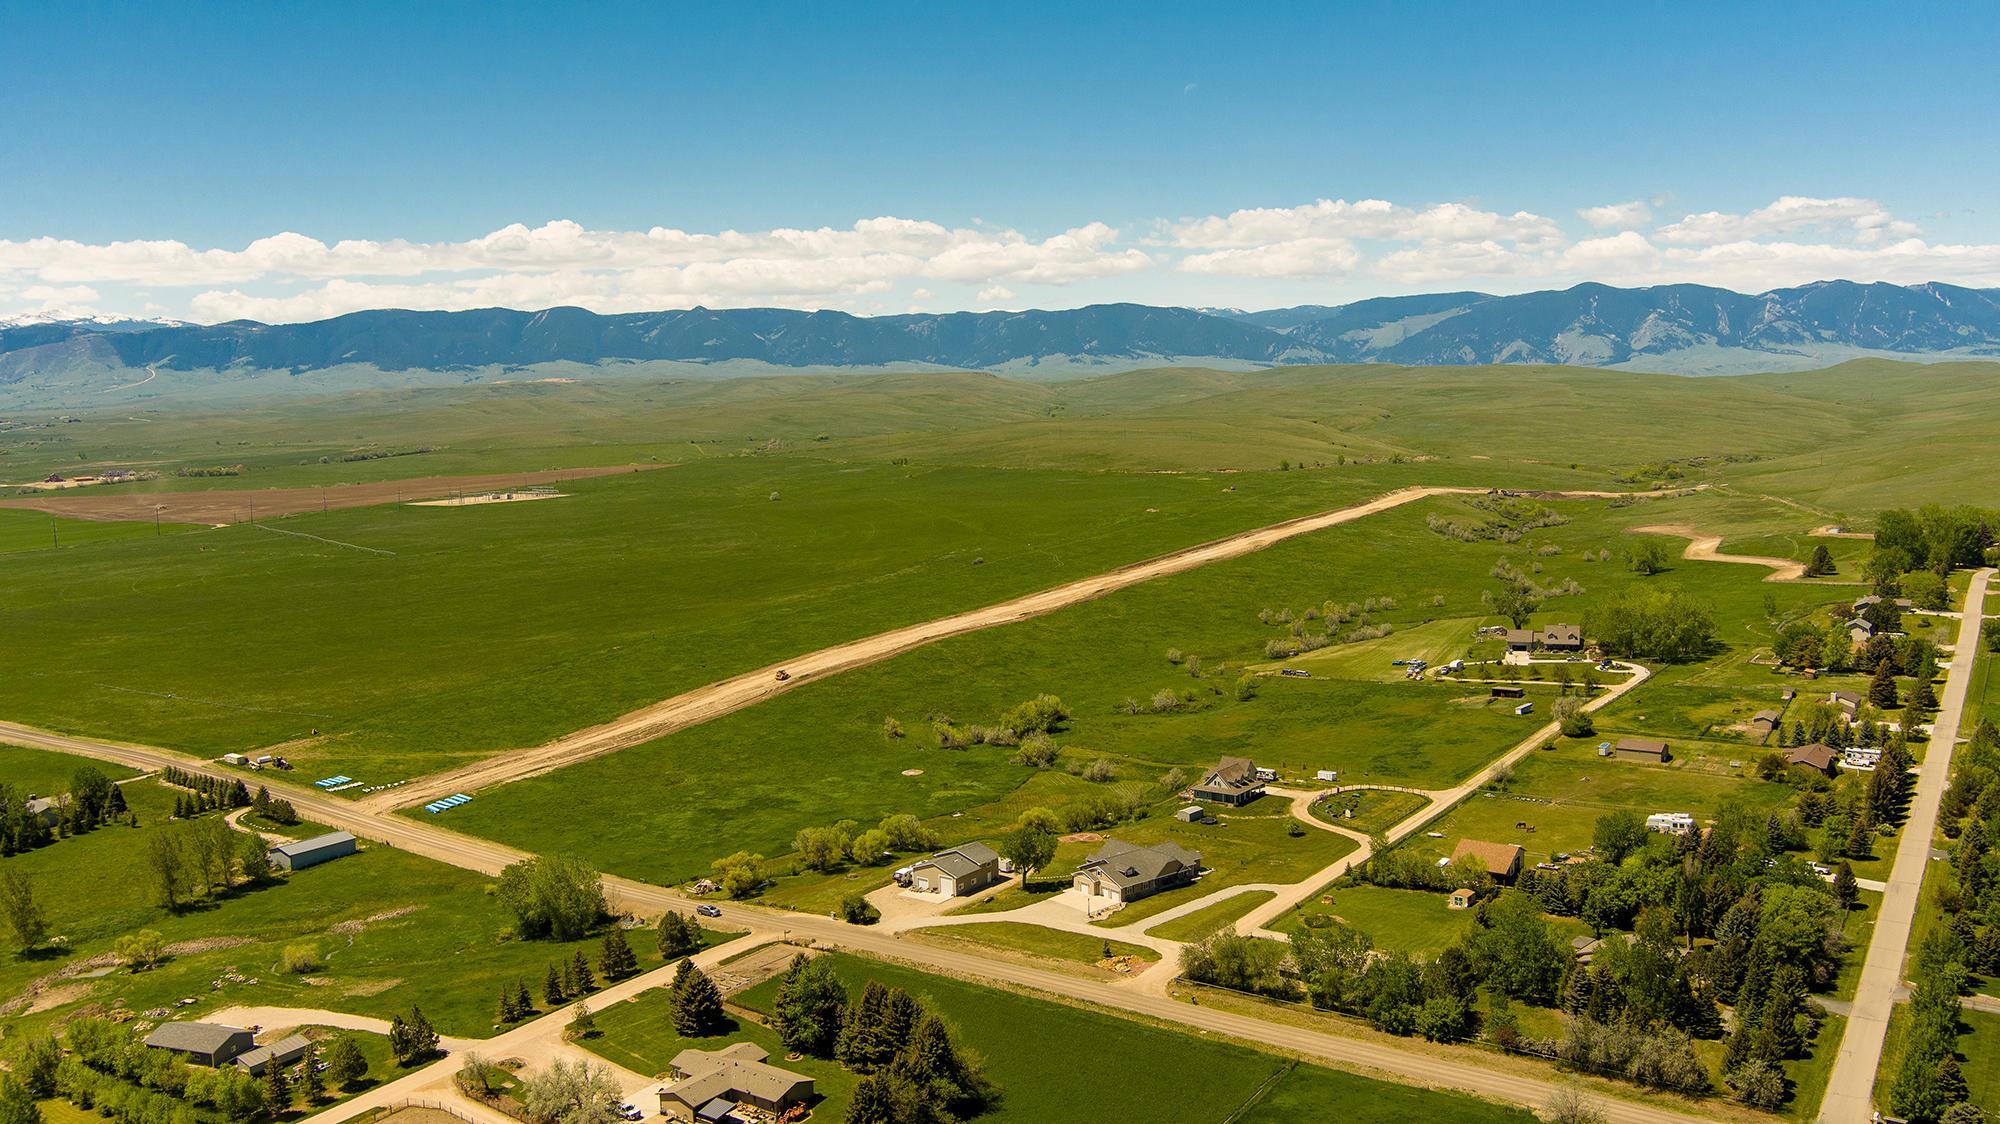 TBD Convair Road, Sheridan, Wyoming 82801, ,Building Site,For Sale,Convair,21-912